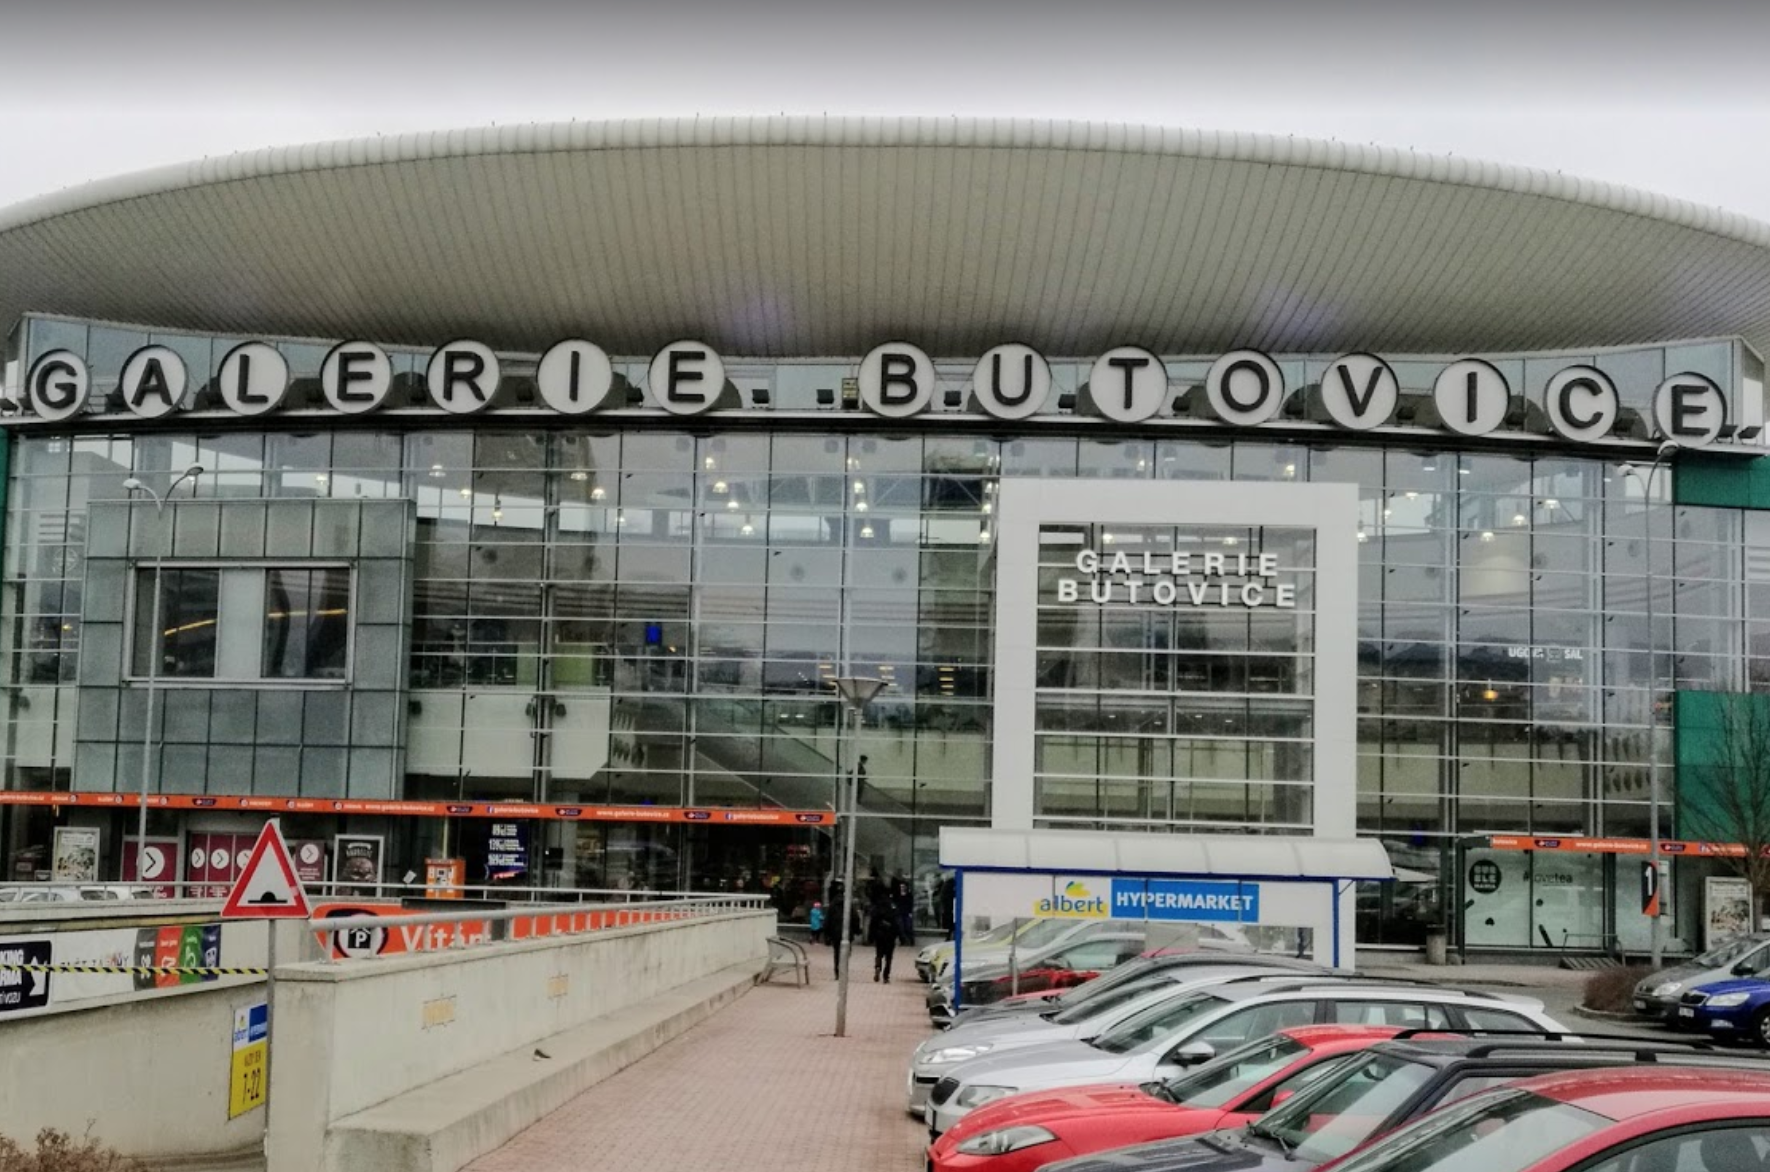 Торговый центр Galerie Butovice (Бутовице) в Праге